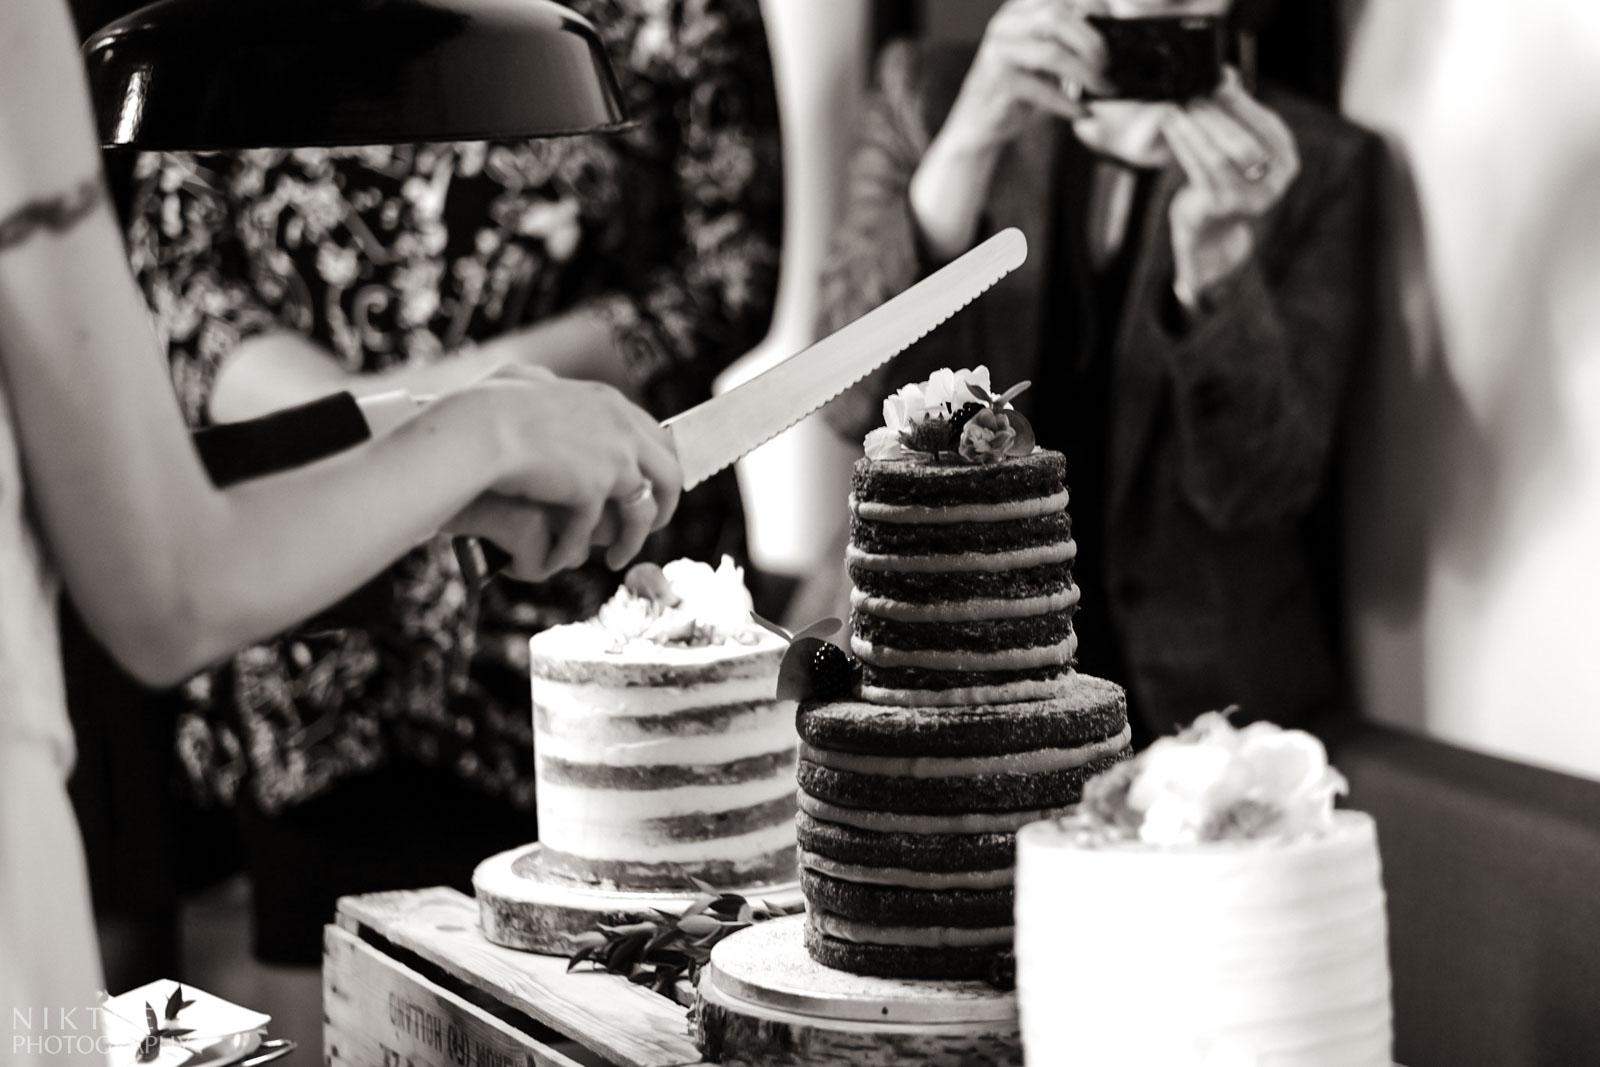 Hochzeitstorten von Annabatterie bei einer Hochzeitsfeier in Laurenz